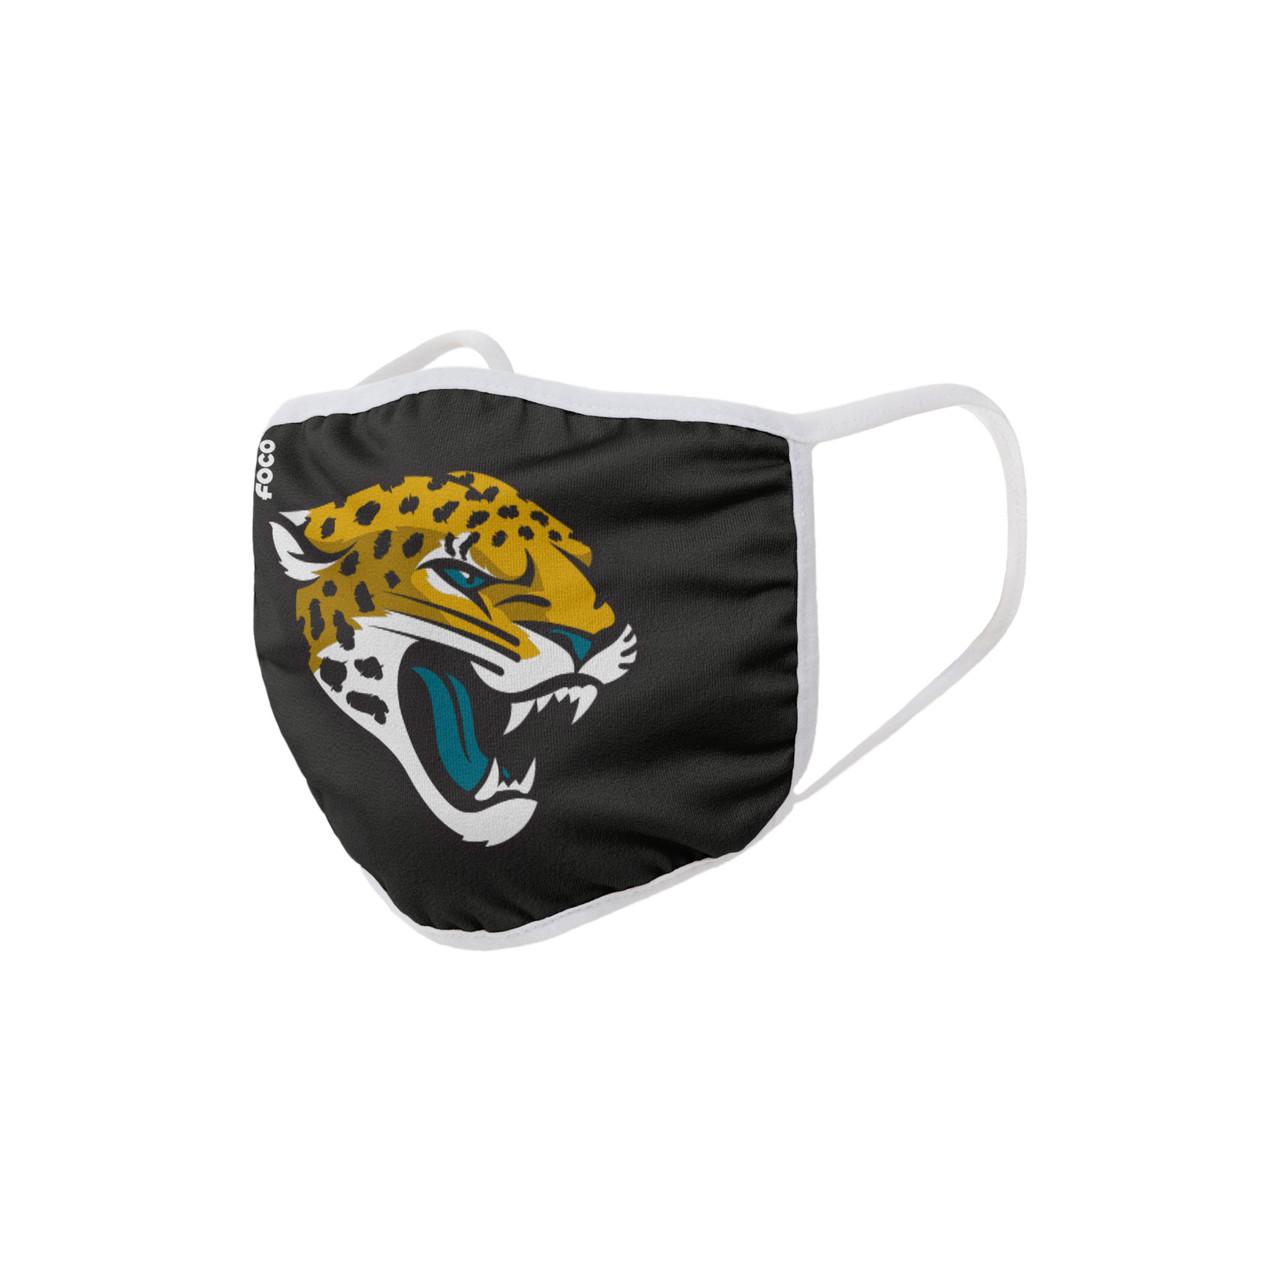 Jacksonville Jaguars Face Cover Big Logo